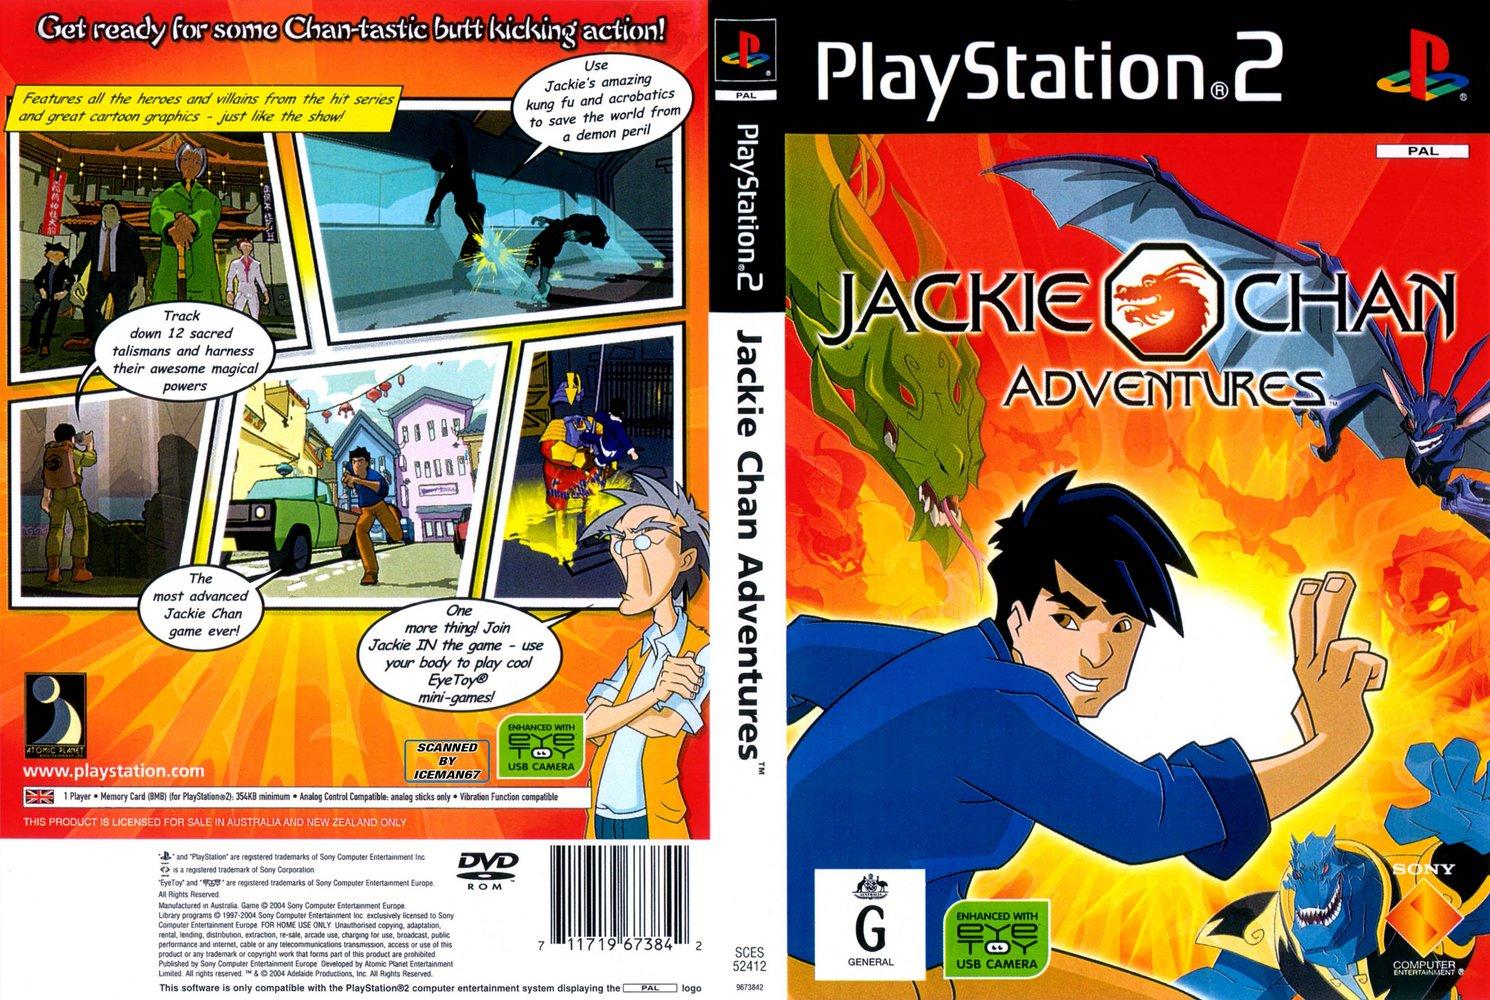 JackieChanAdventures